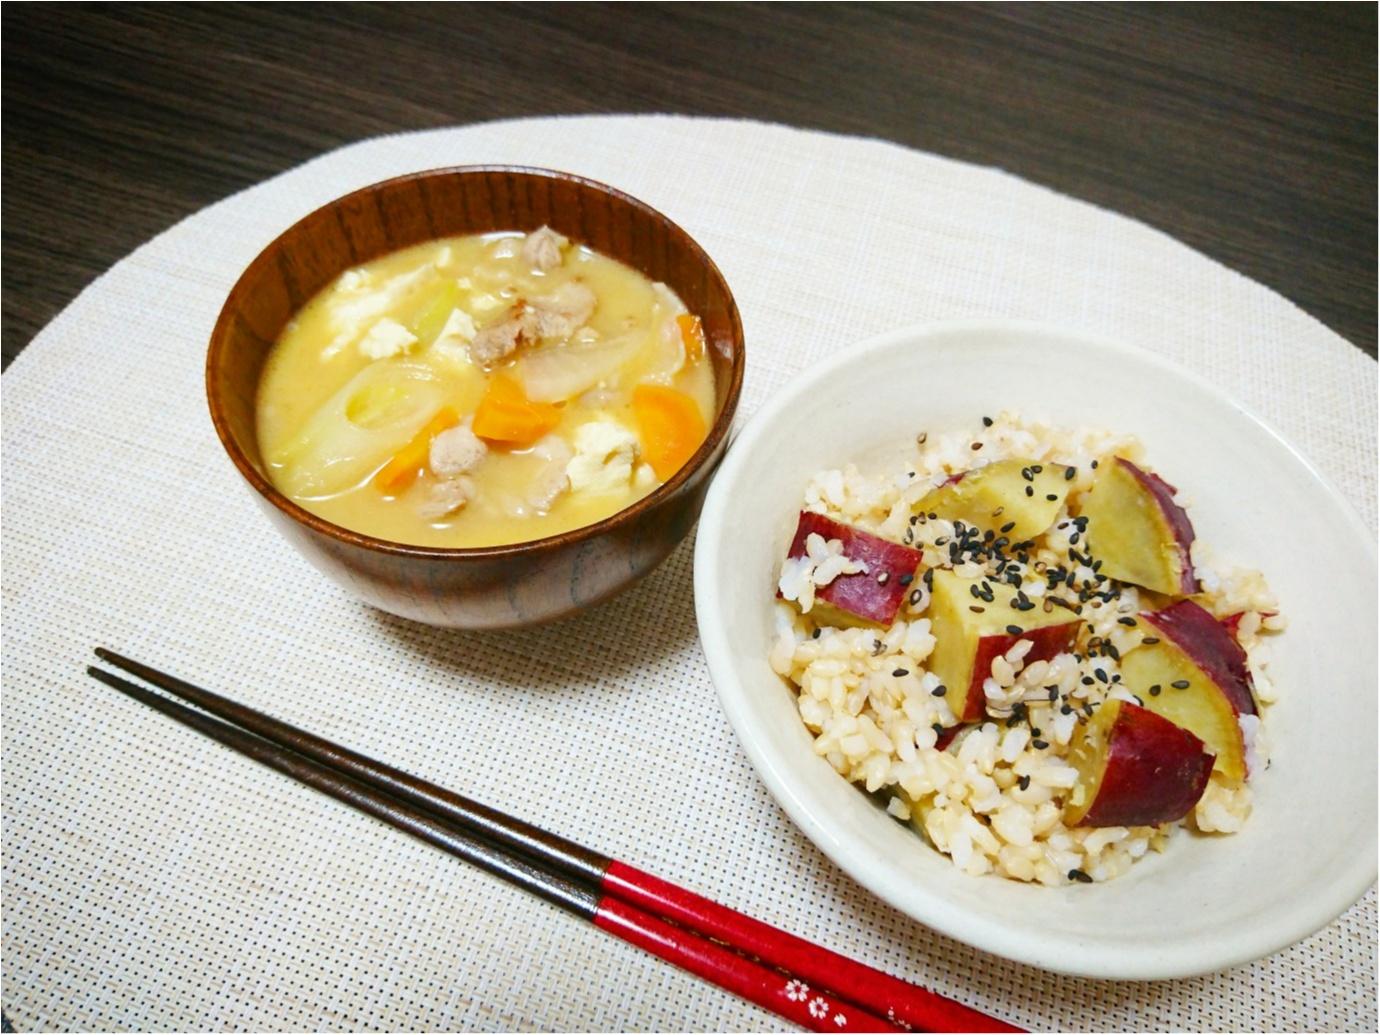 """【クッキング】""""旬"""" だからこそ、美味しさ倍増 ♪ 10月13日は『さつまいもの日』簡単!さつまいもご飯のレシピをご紹介します ★_4"""